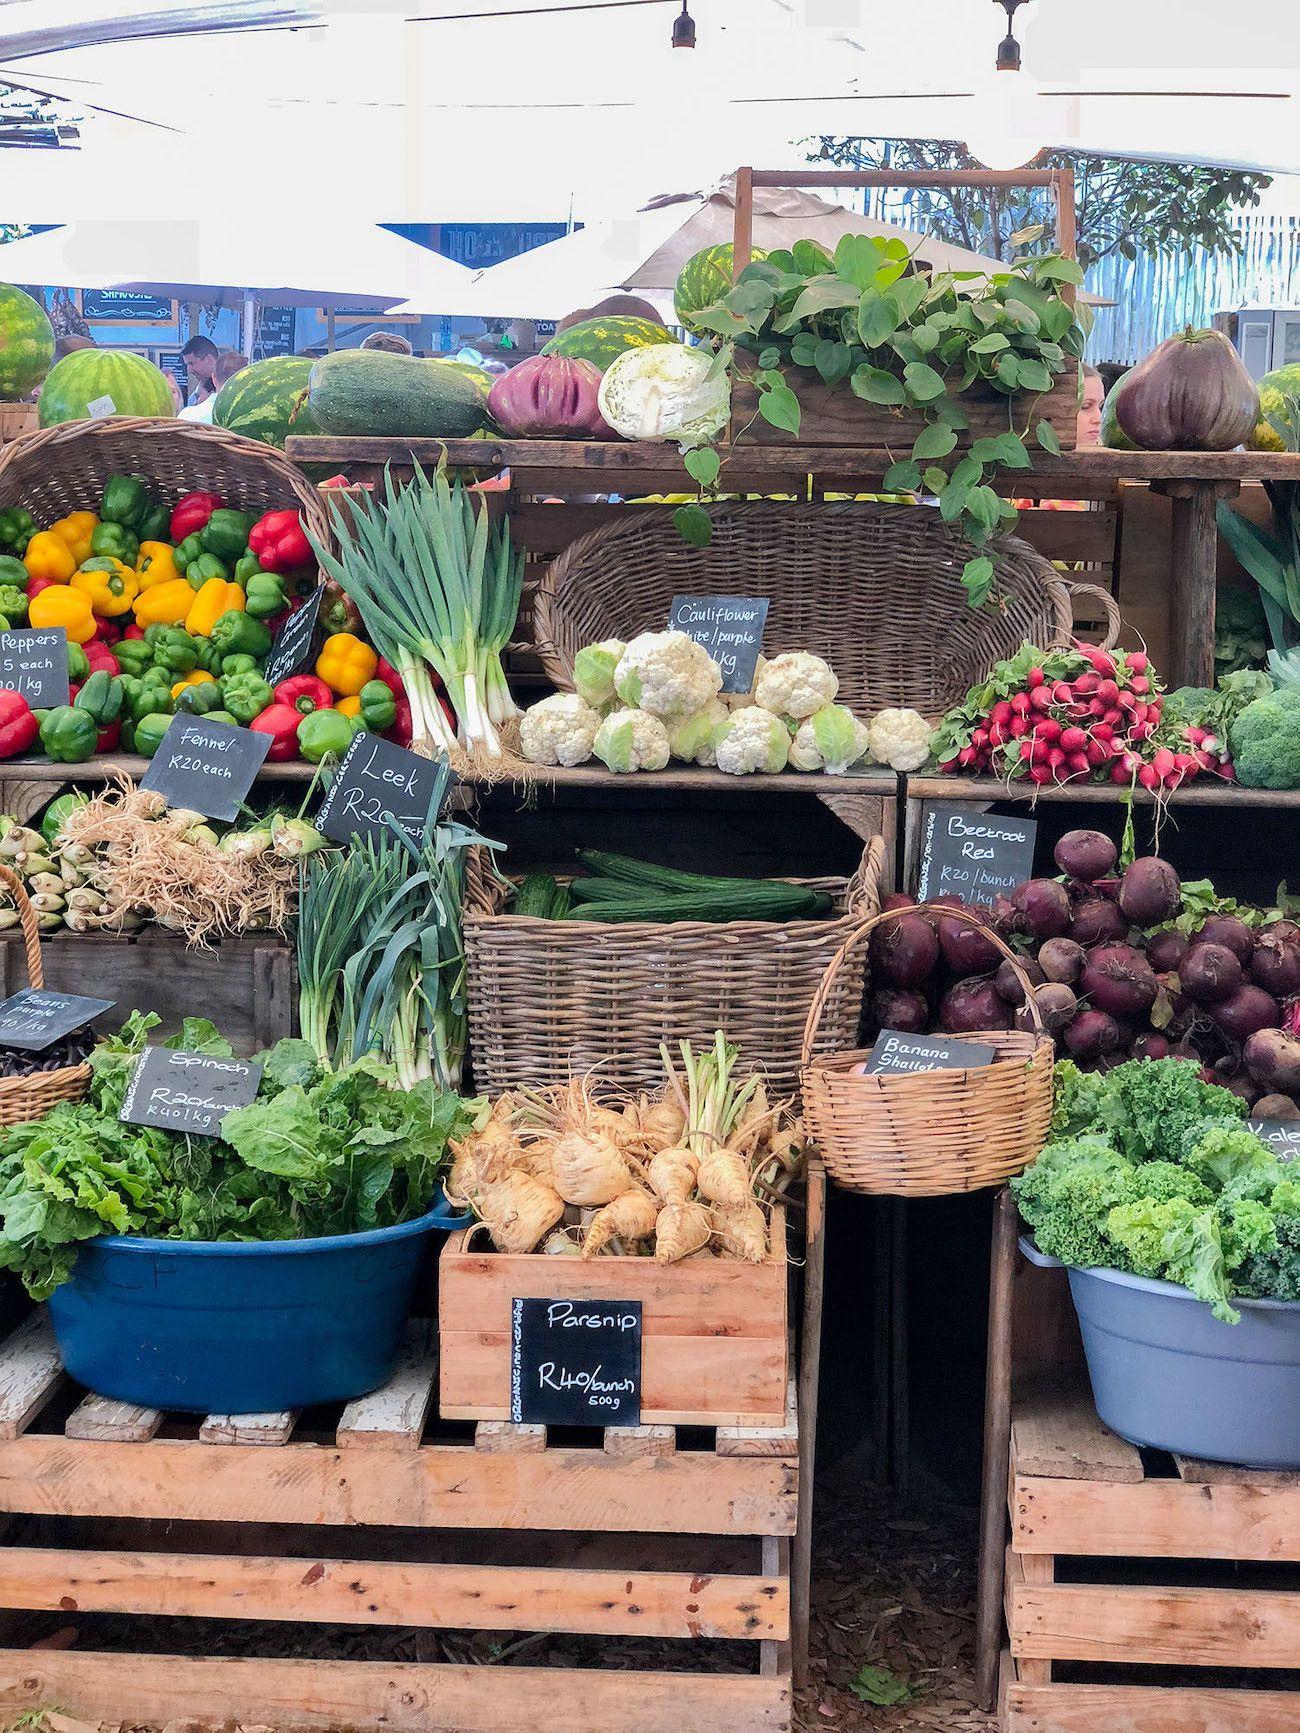 Frühstücks - und Brunch Guide für Kapstadt, Oranjezicht City Farm Market, Gemüsestand